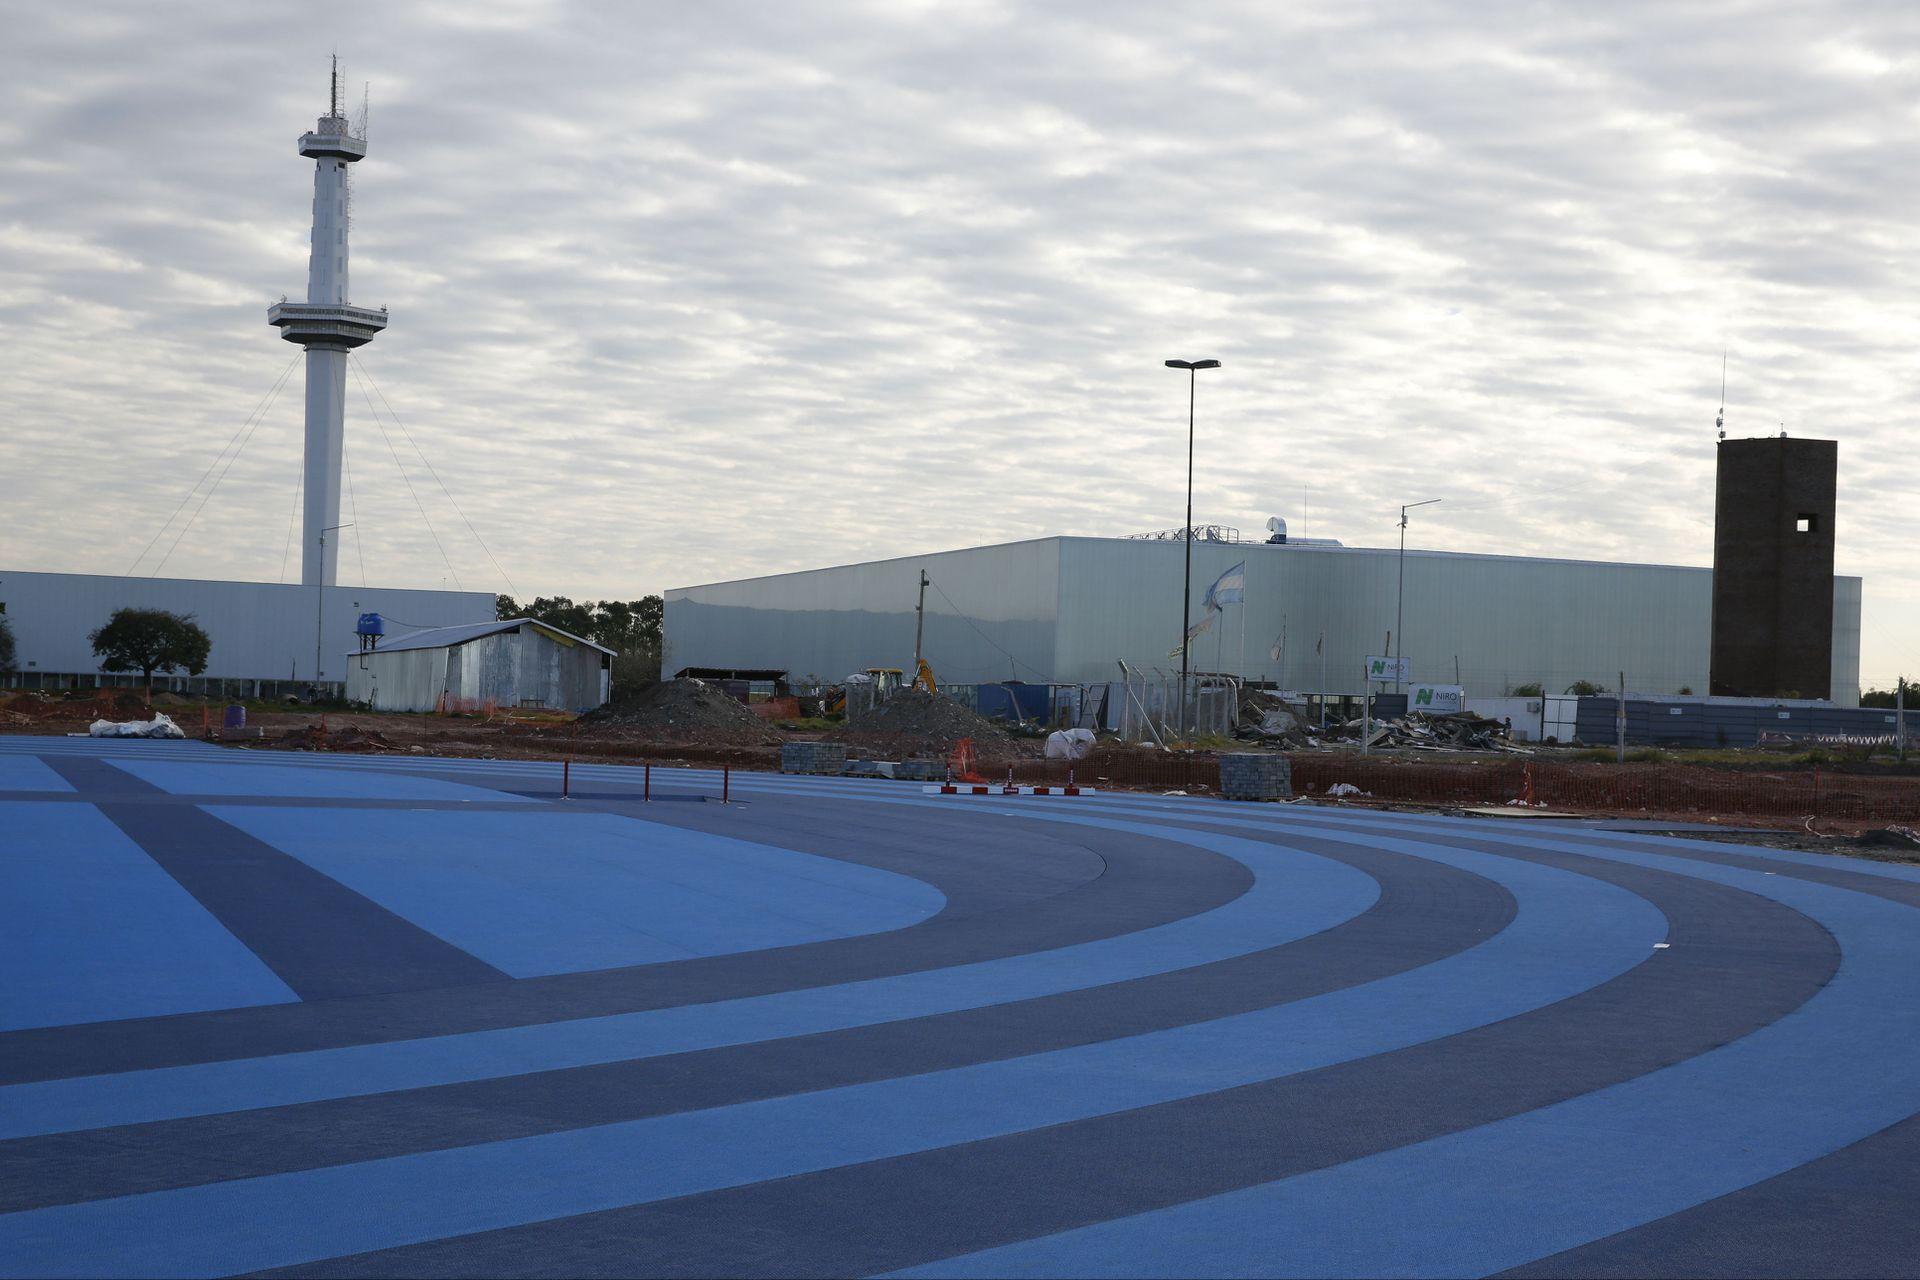 La pista olímpica está casi lista: detrás se ve la Torre del Parque de la Ciudad